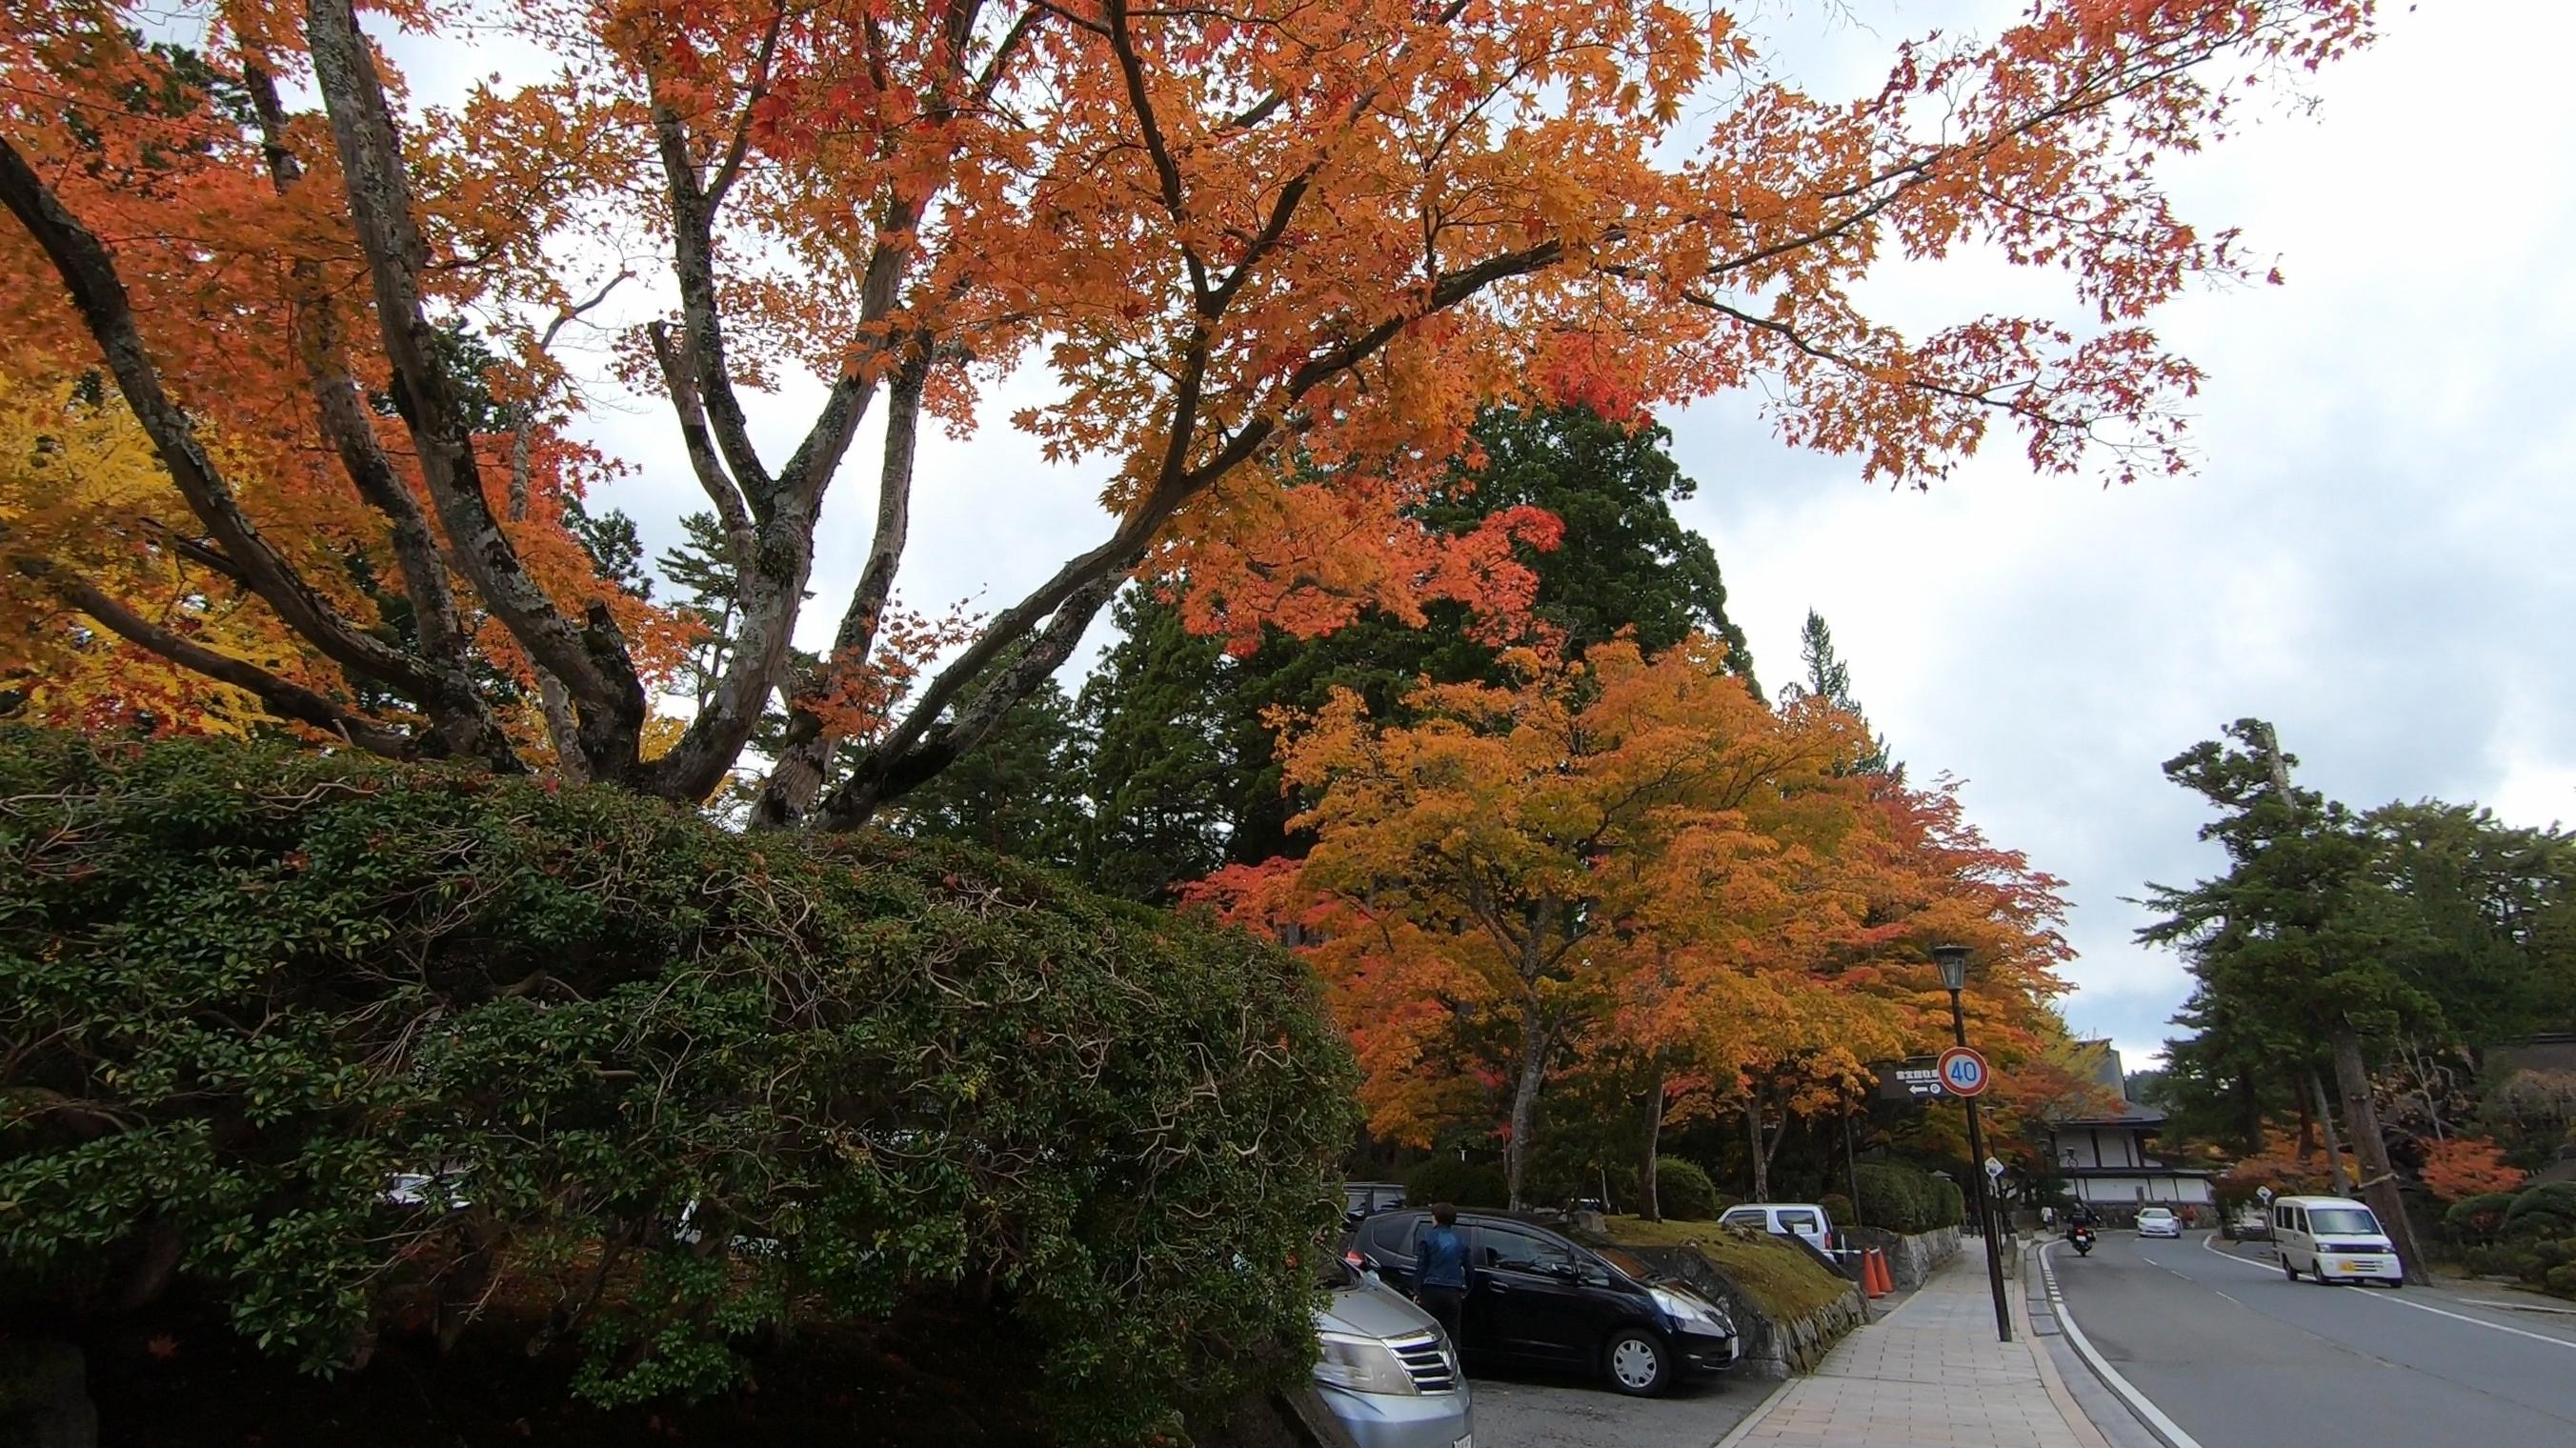 GH011840 関西でいち早く紅葉に染まる高野山へカメラ旅!